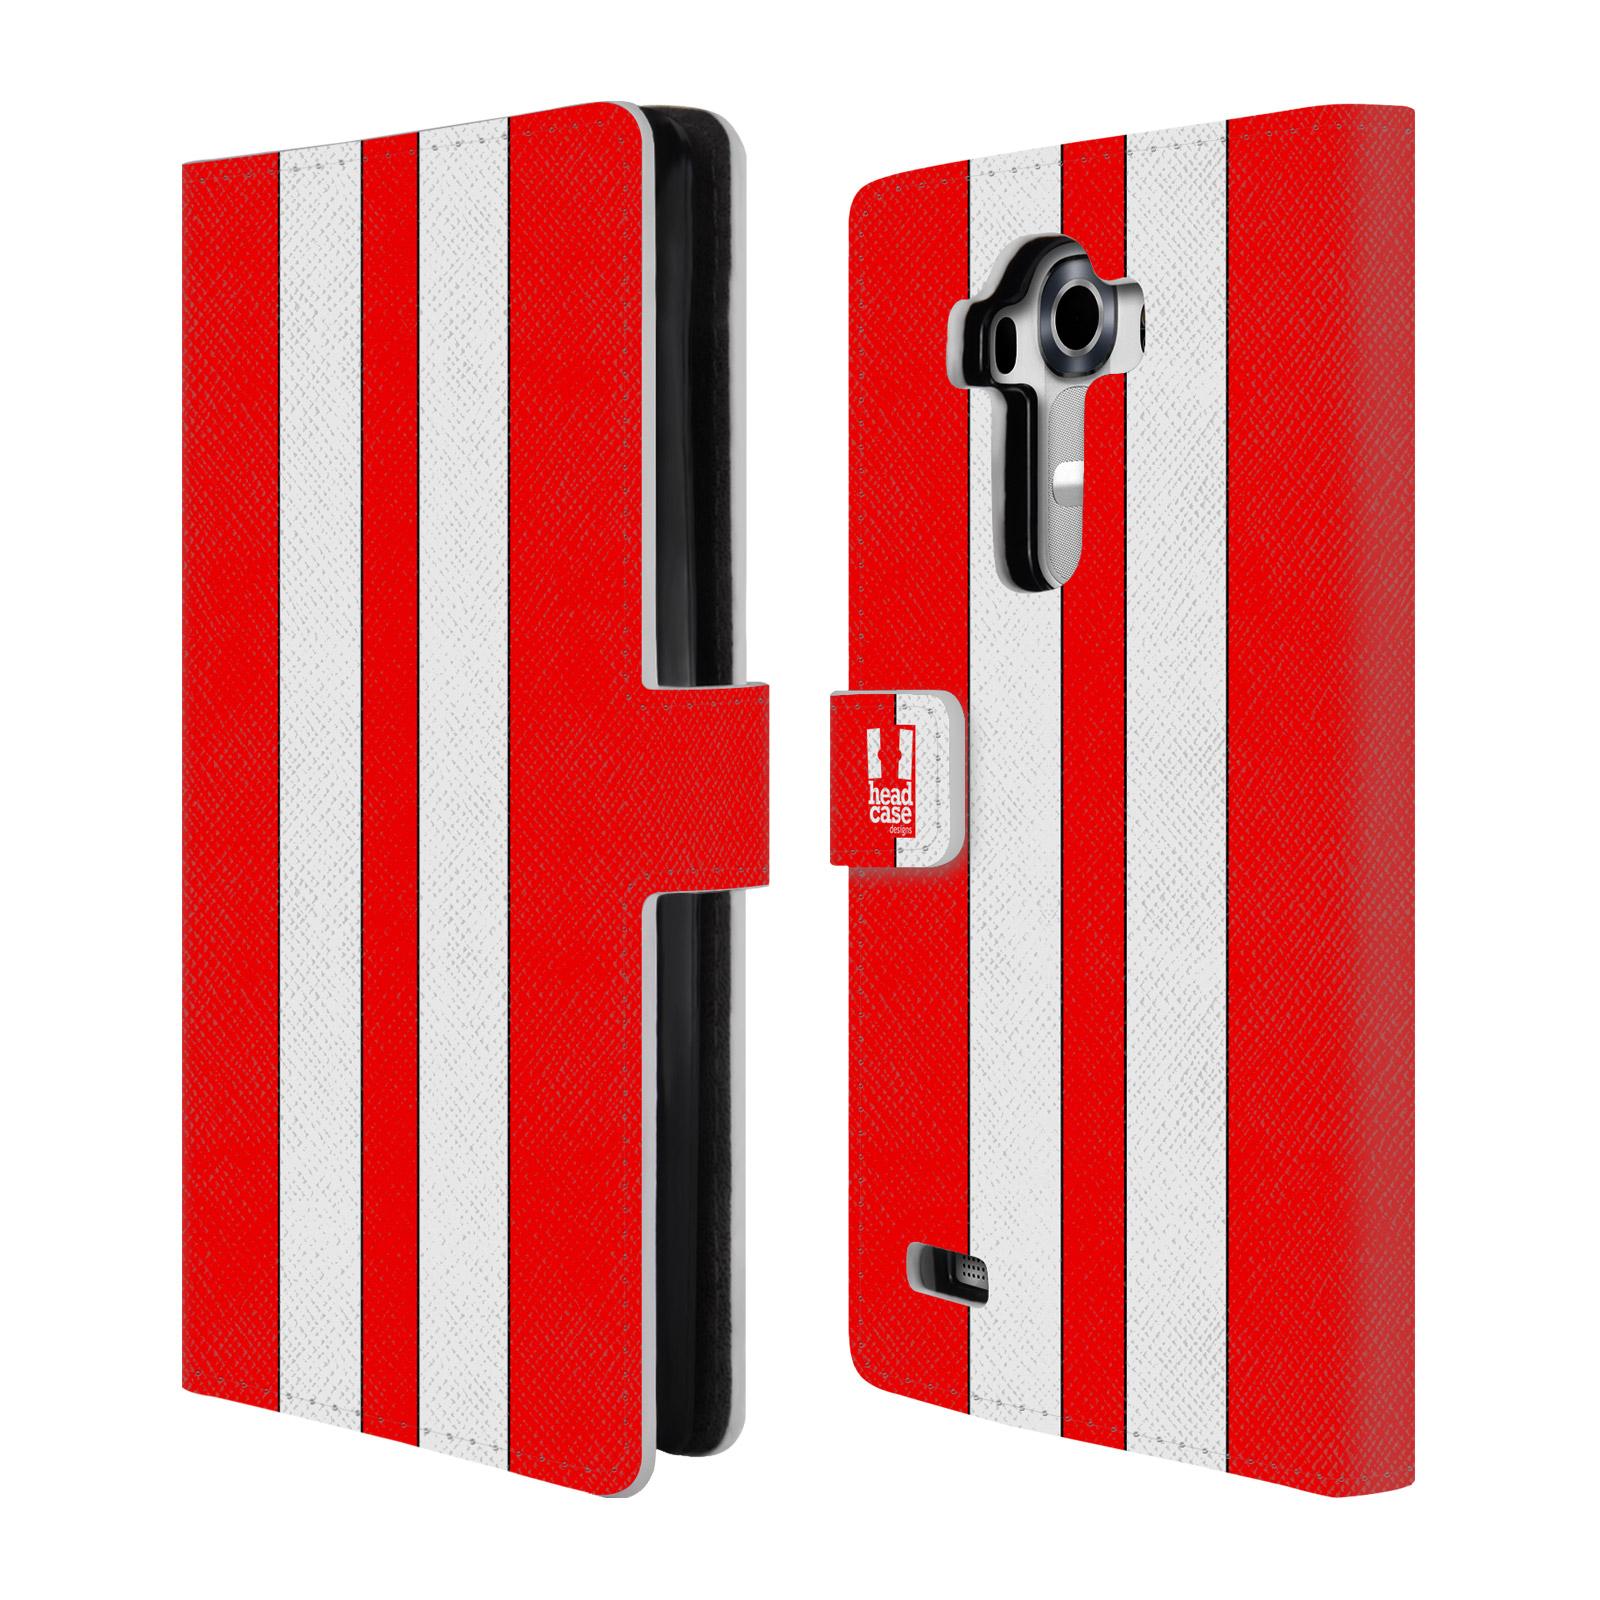 Flipové pouzdro na mobil LG G4 HEAD CASE ČERVENÉ A BÍLÉ PRUHY (Flipový vyklápěcí kryt či obal z umělé kůže na mobilní telefon LG G4 H815)